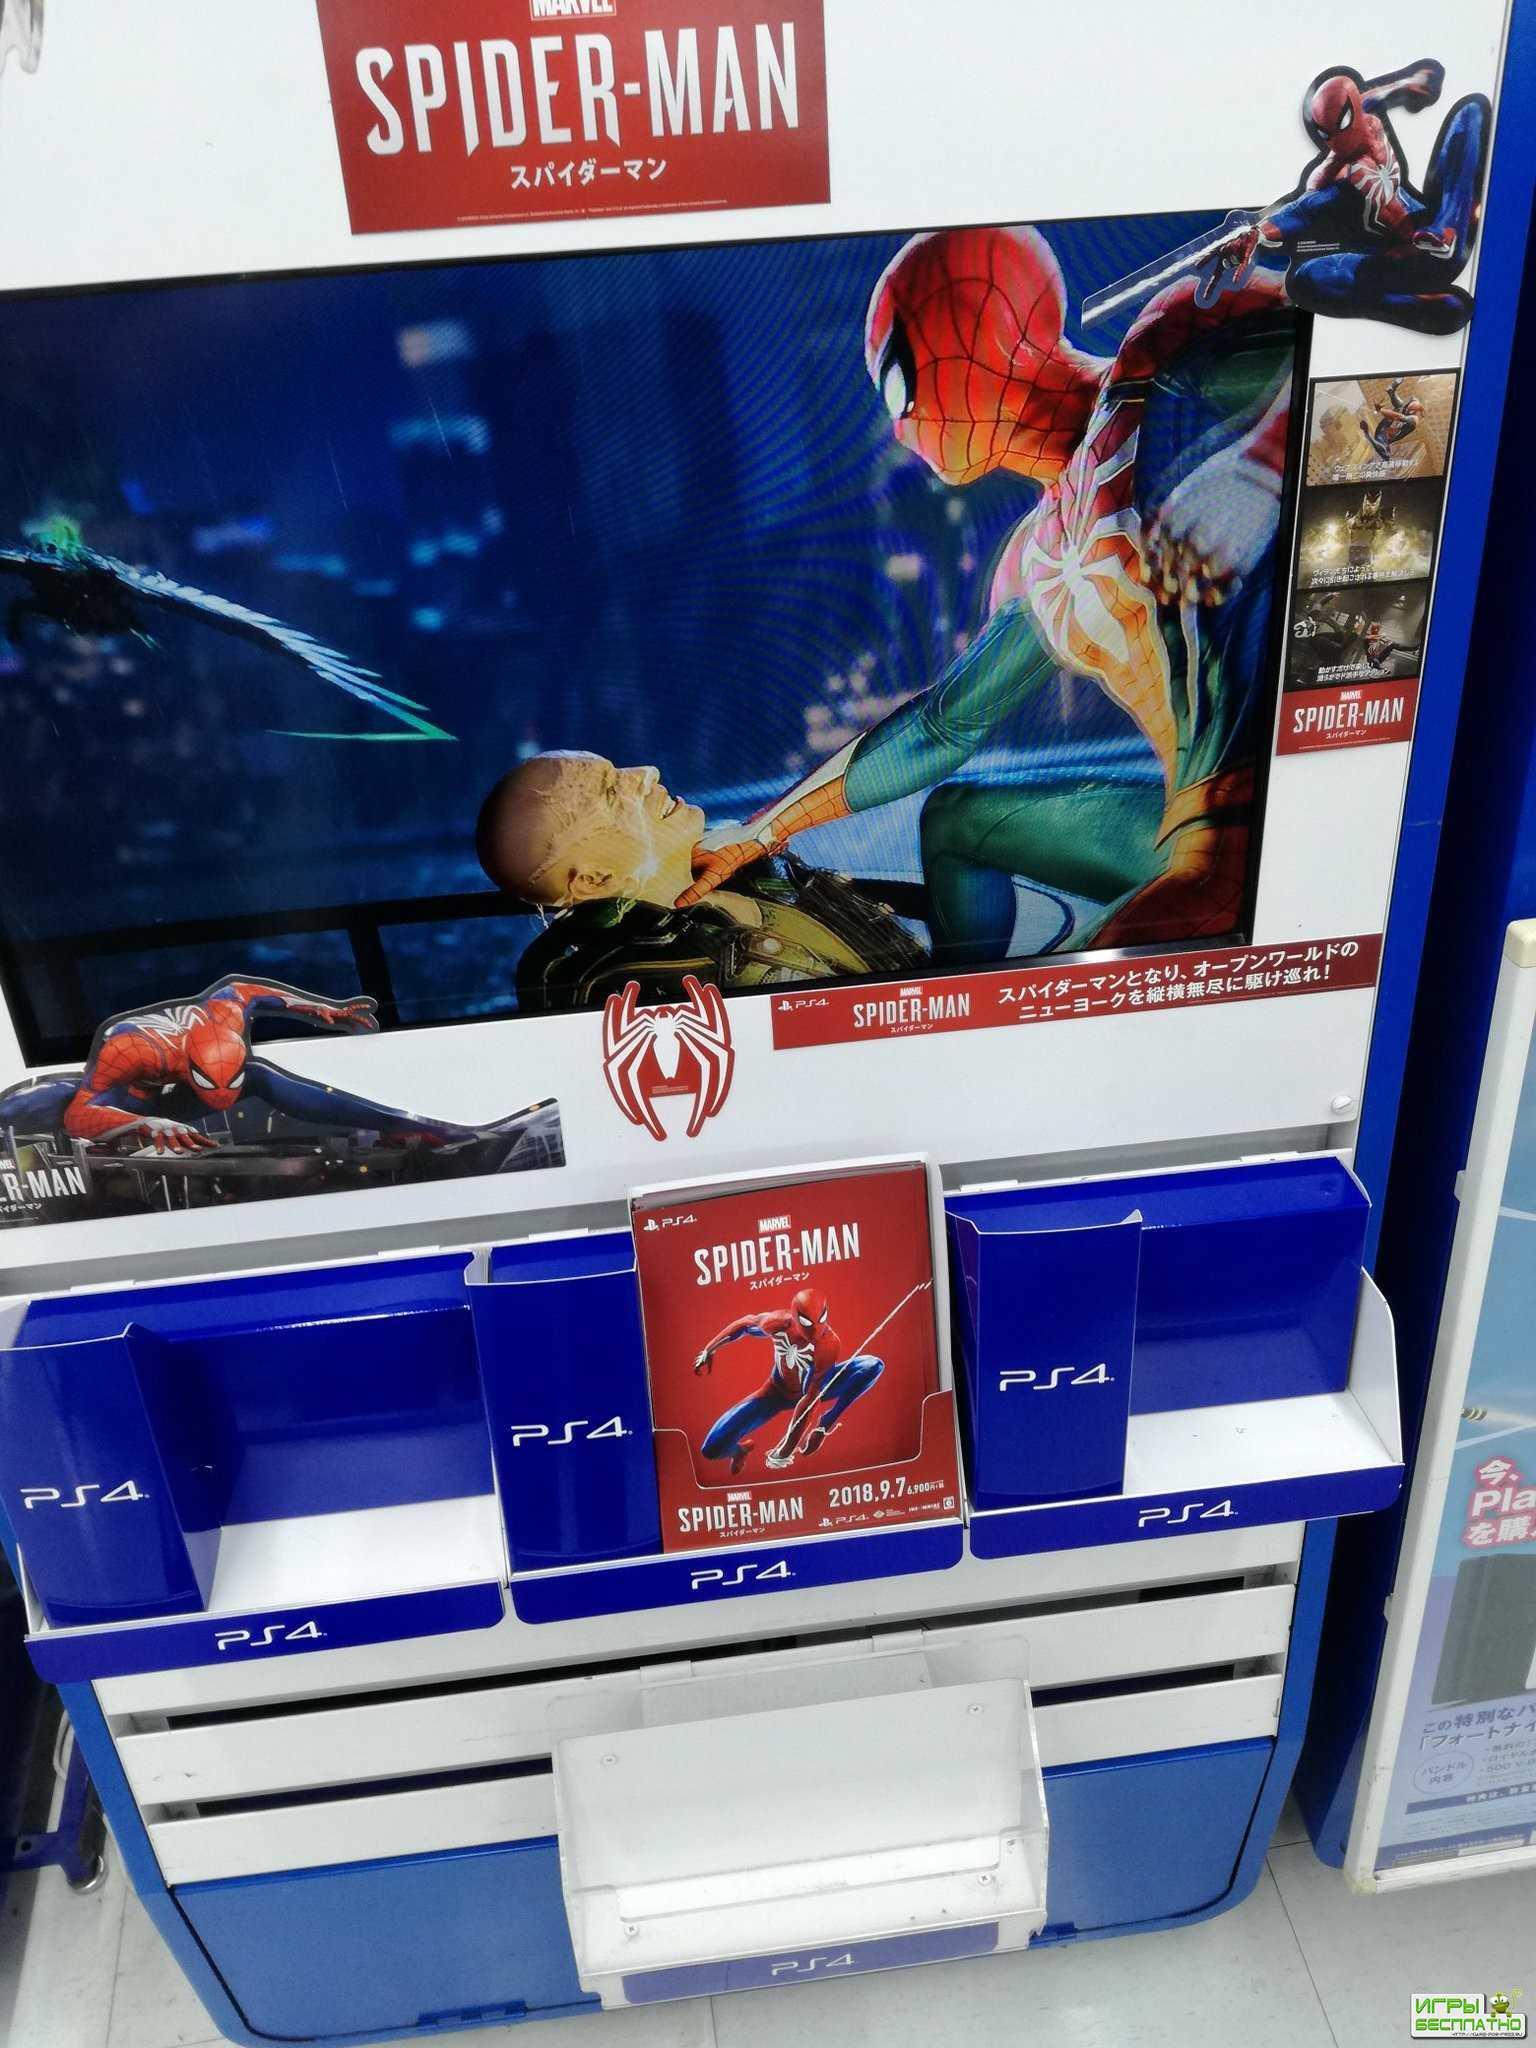 Spider-Man - японцы раскупили весь стартовый тираж